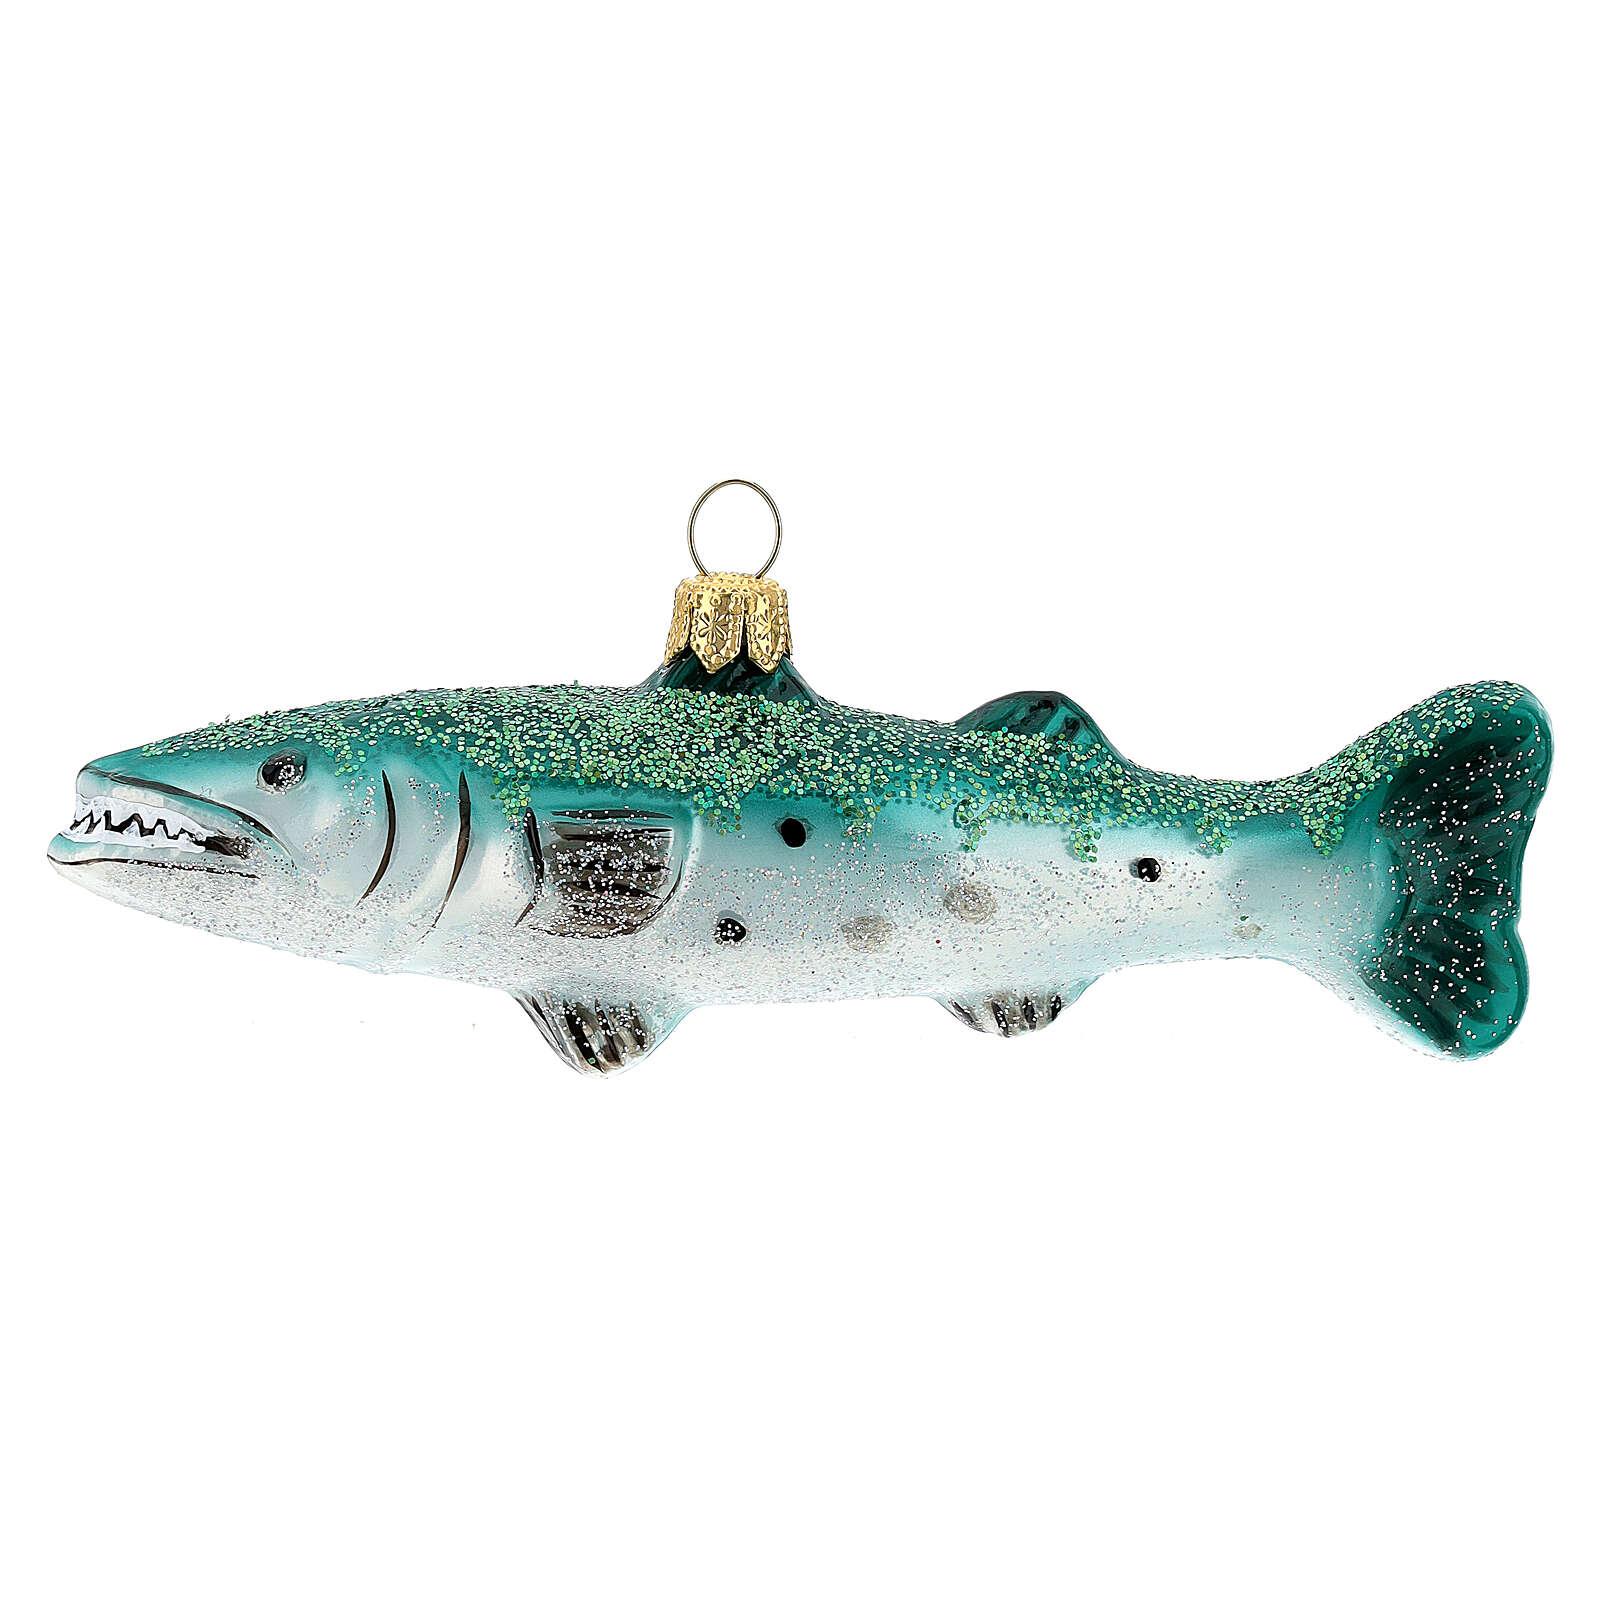 Barracuda géant décoration sapin Noël verre soufflé 4